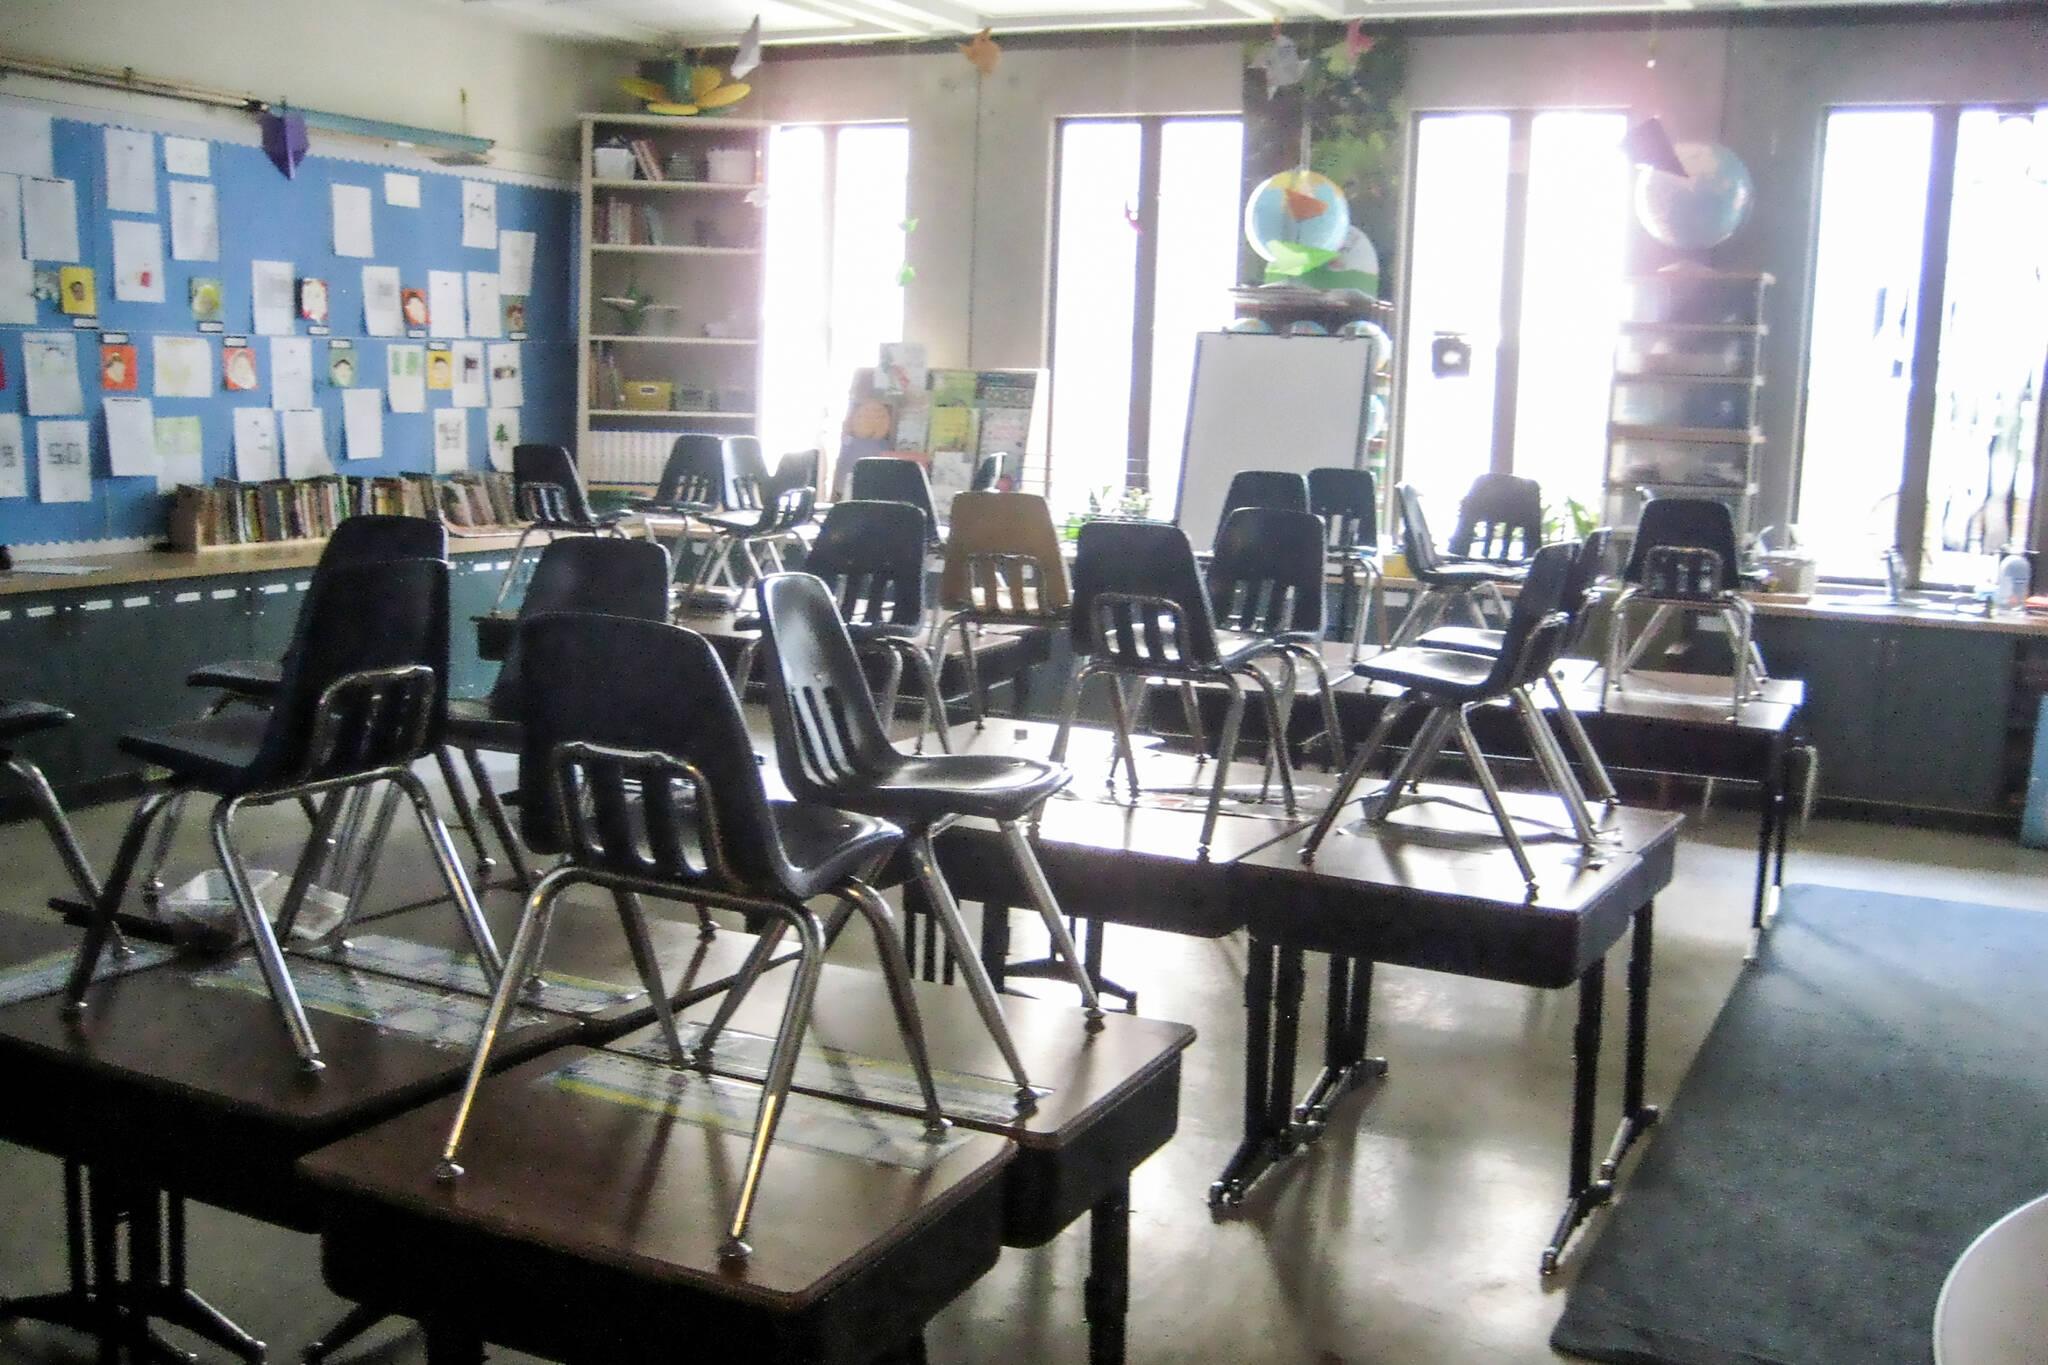 ontario schools closed indefinitely